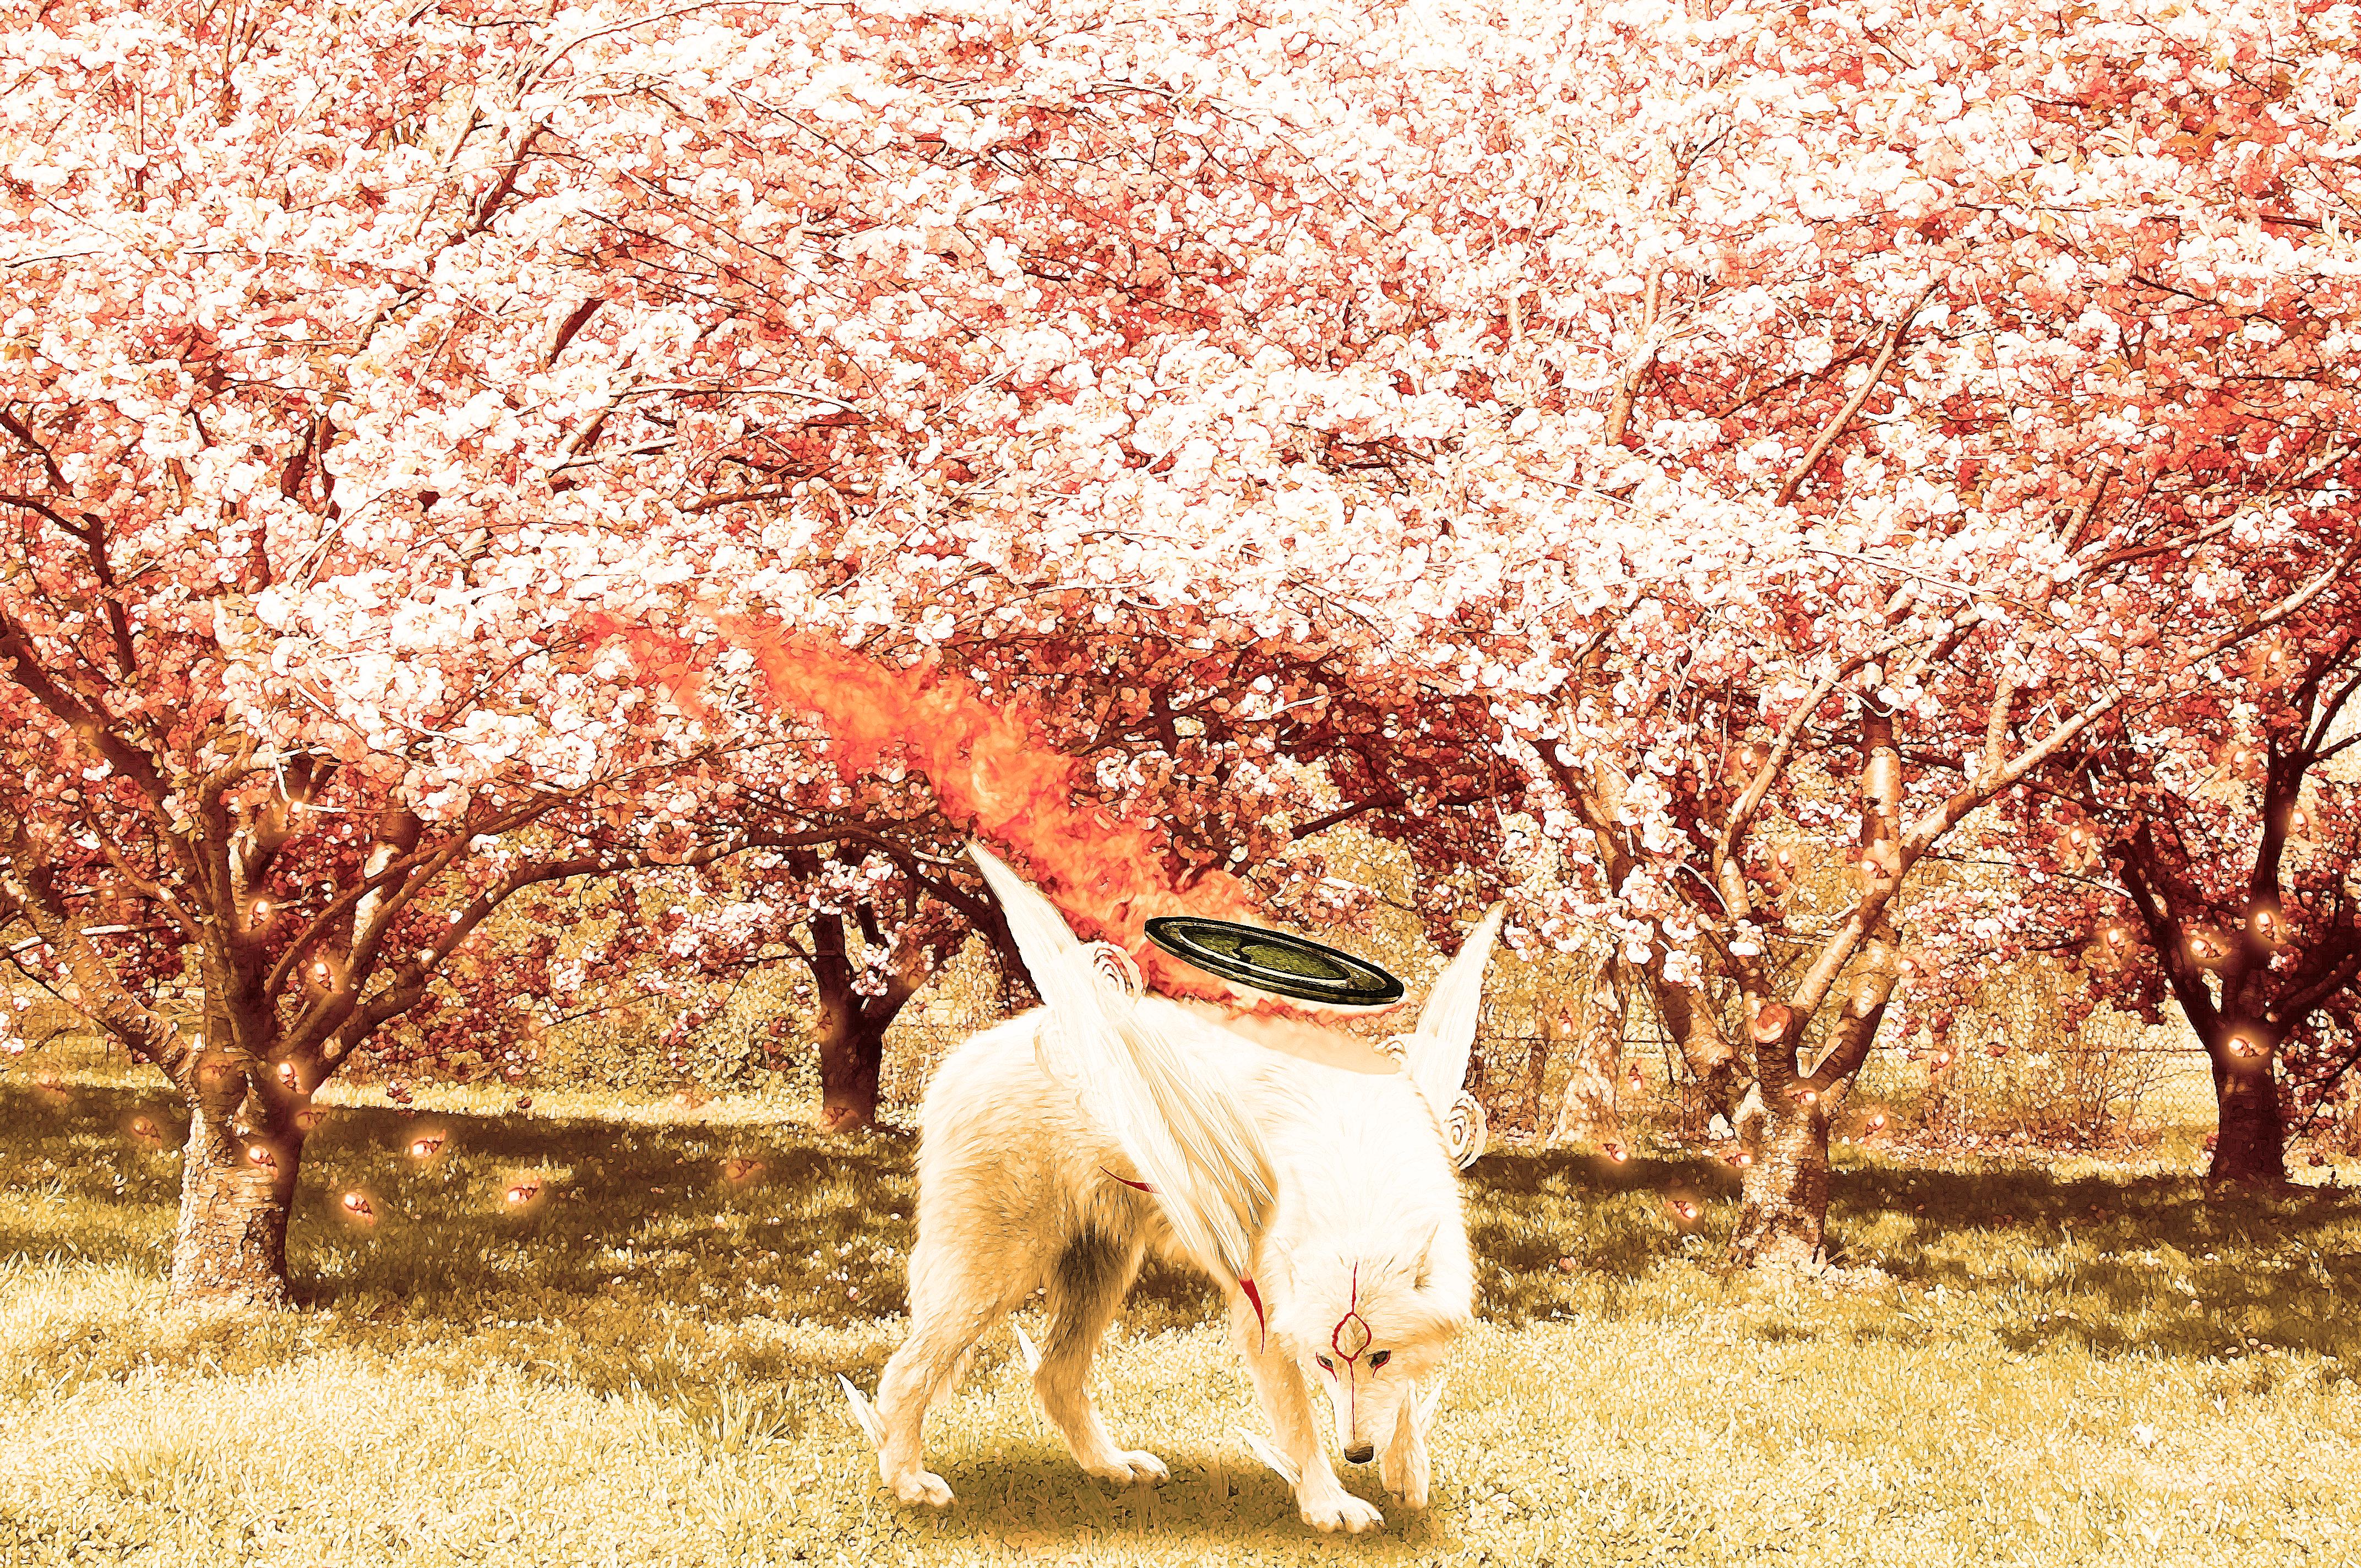 Okami - The Great Spirit 3 by wazzy88